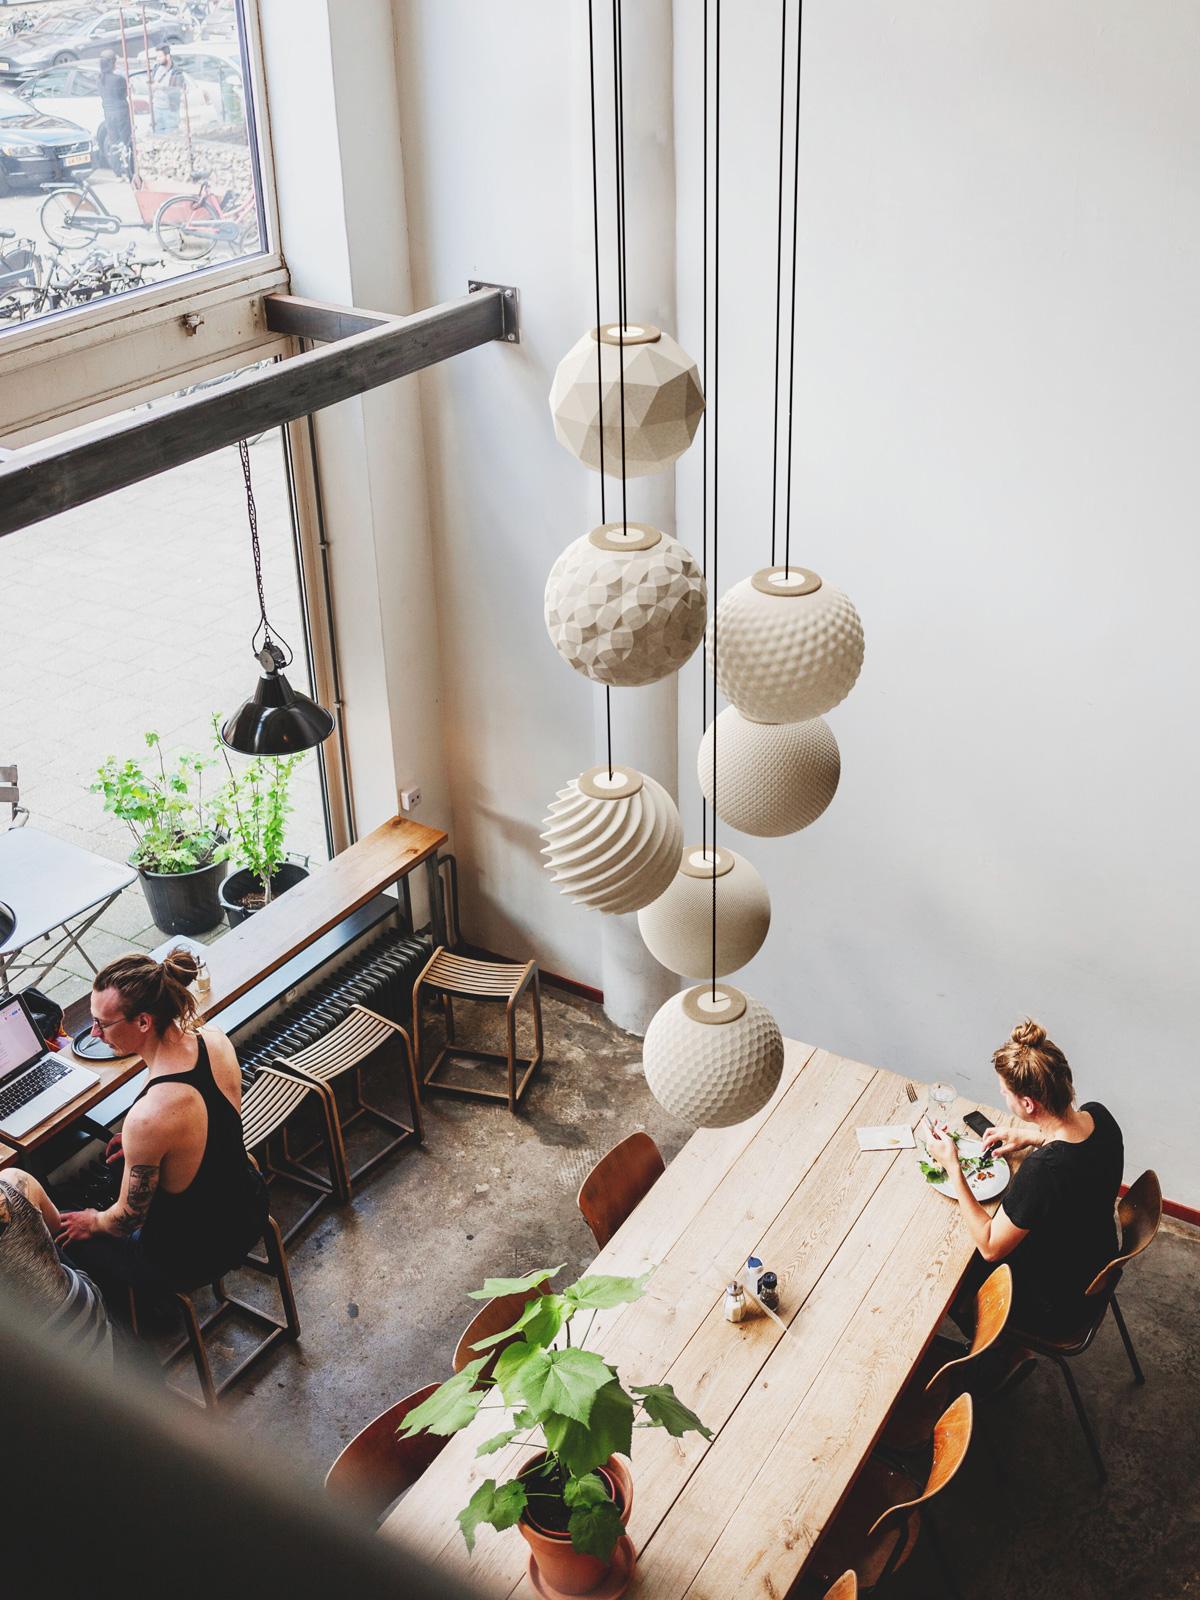 Polyluma Random Pendelleuchte nachhaltig Design Berlin DesignOrt Onlineshop Lampenladen